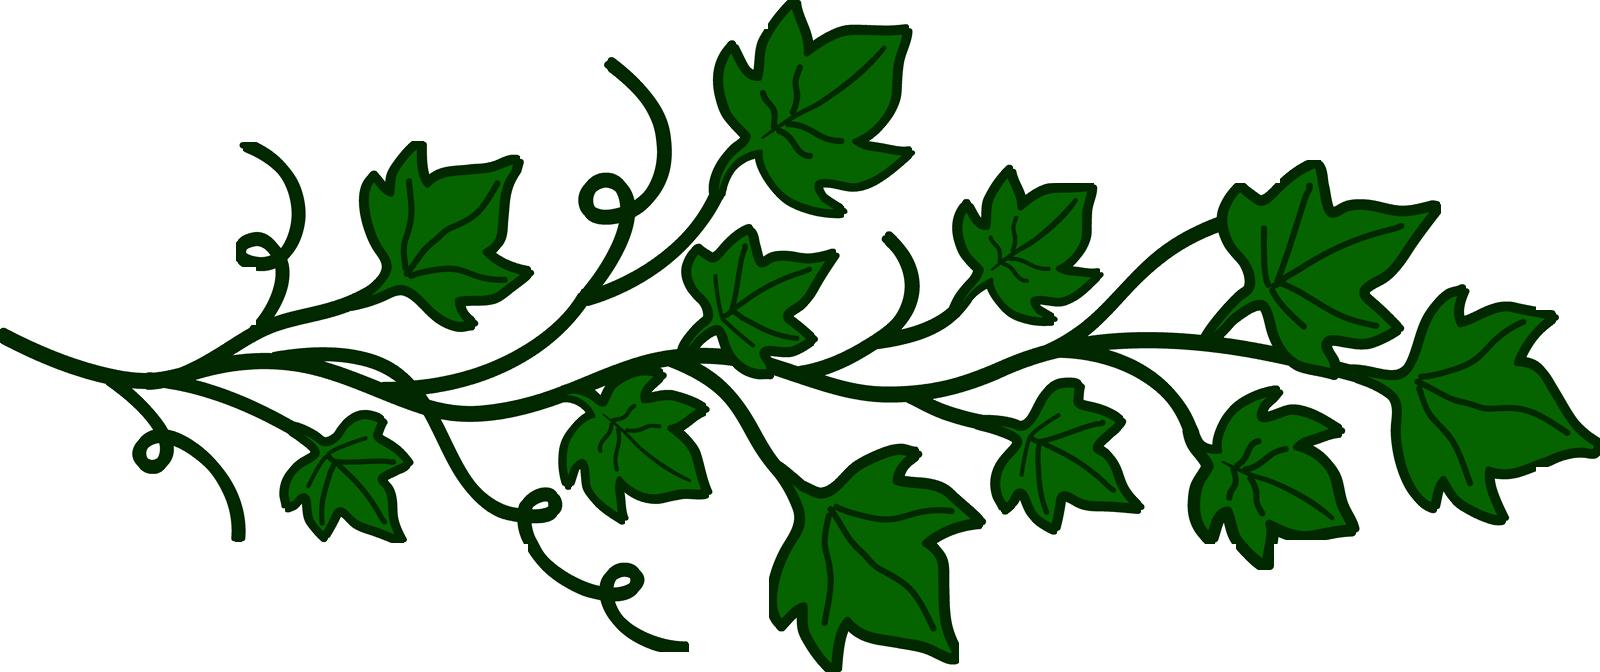 Vine Clipart Transparent Png image #43673